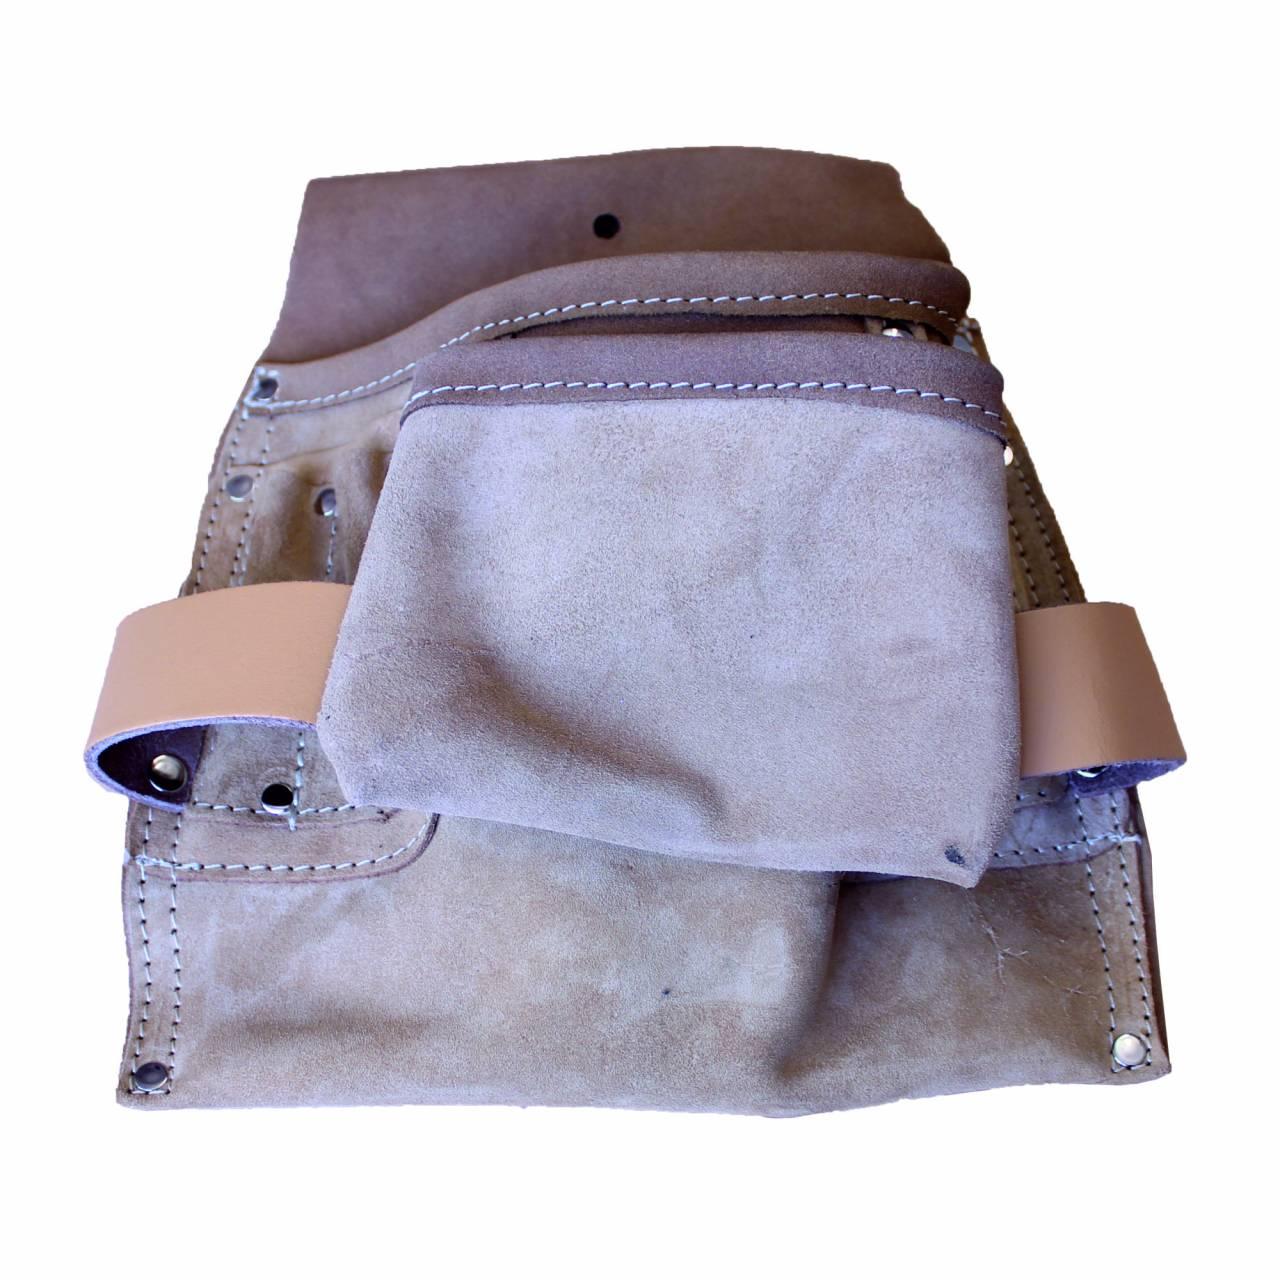 Nagel- / Werkzeugtasche, Spaltleder, 8 Taschen, 2 Schlaufen